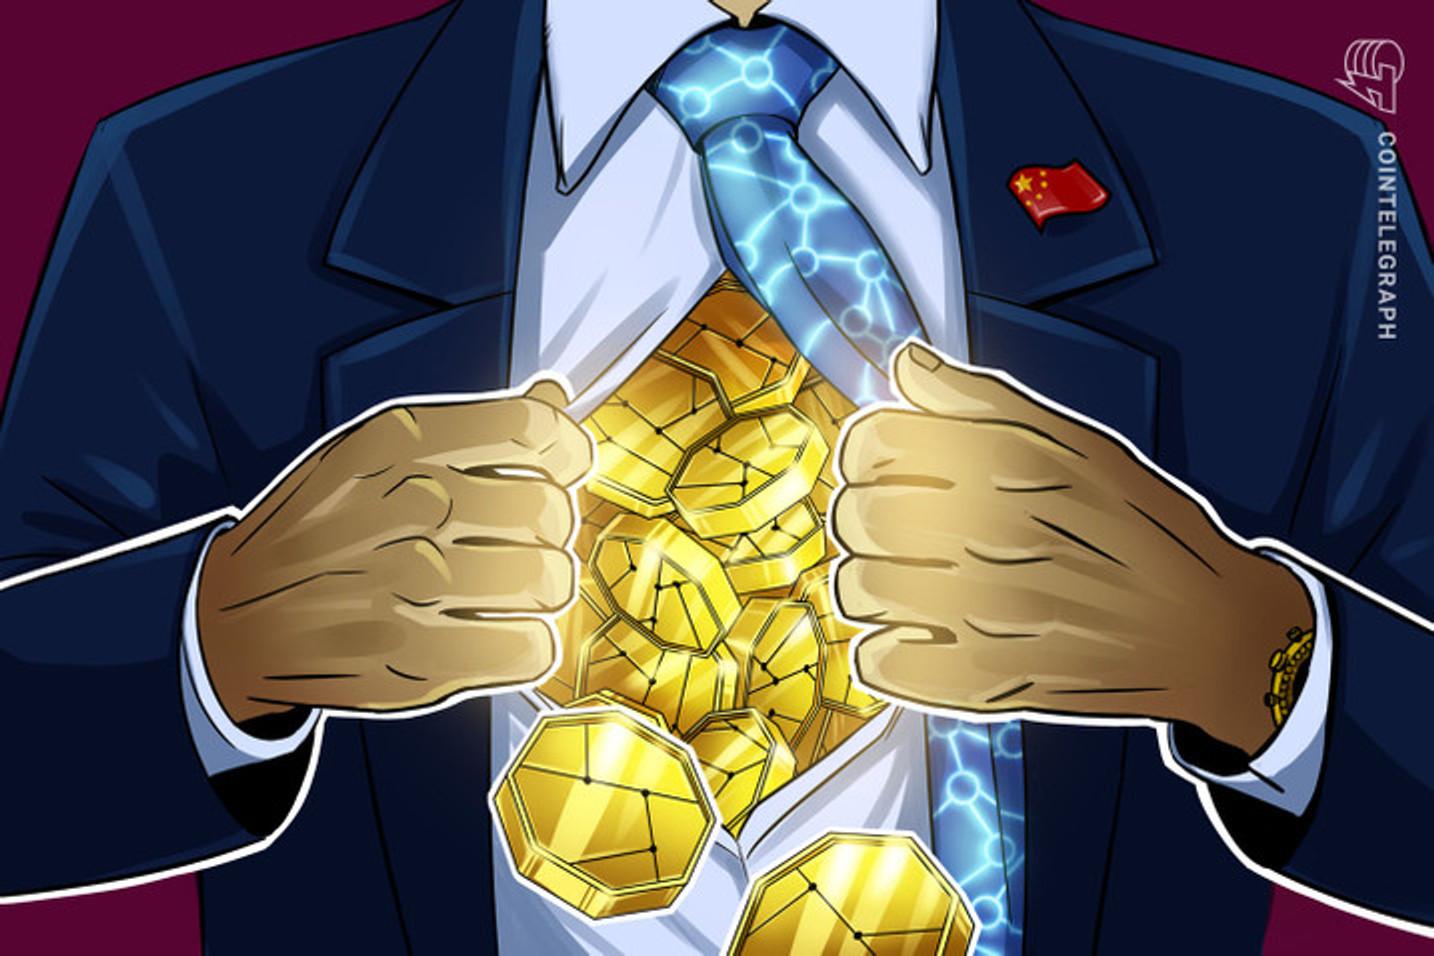 Bancos apresentam proposta para assumir controle de nova empresa formada pela Empiricus e pela Vitreo